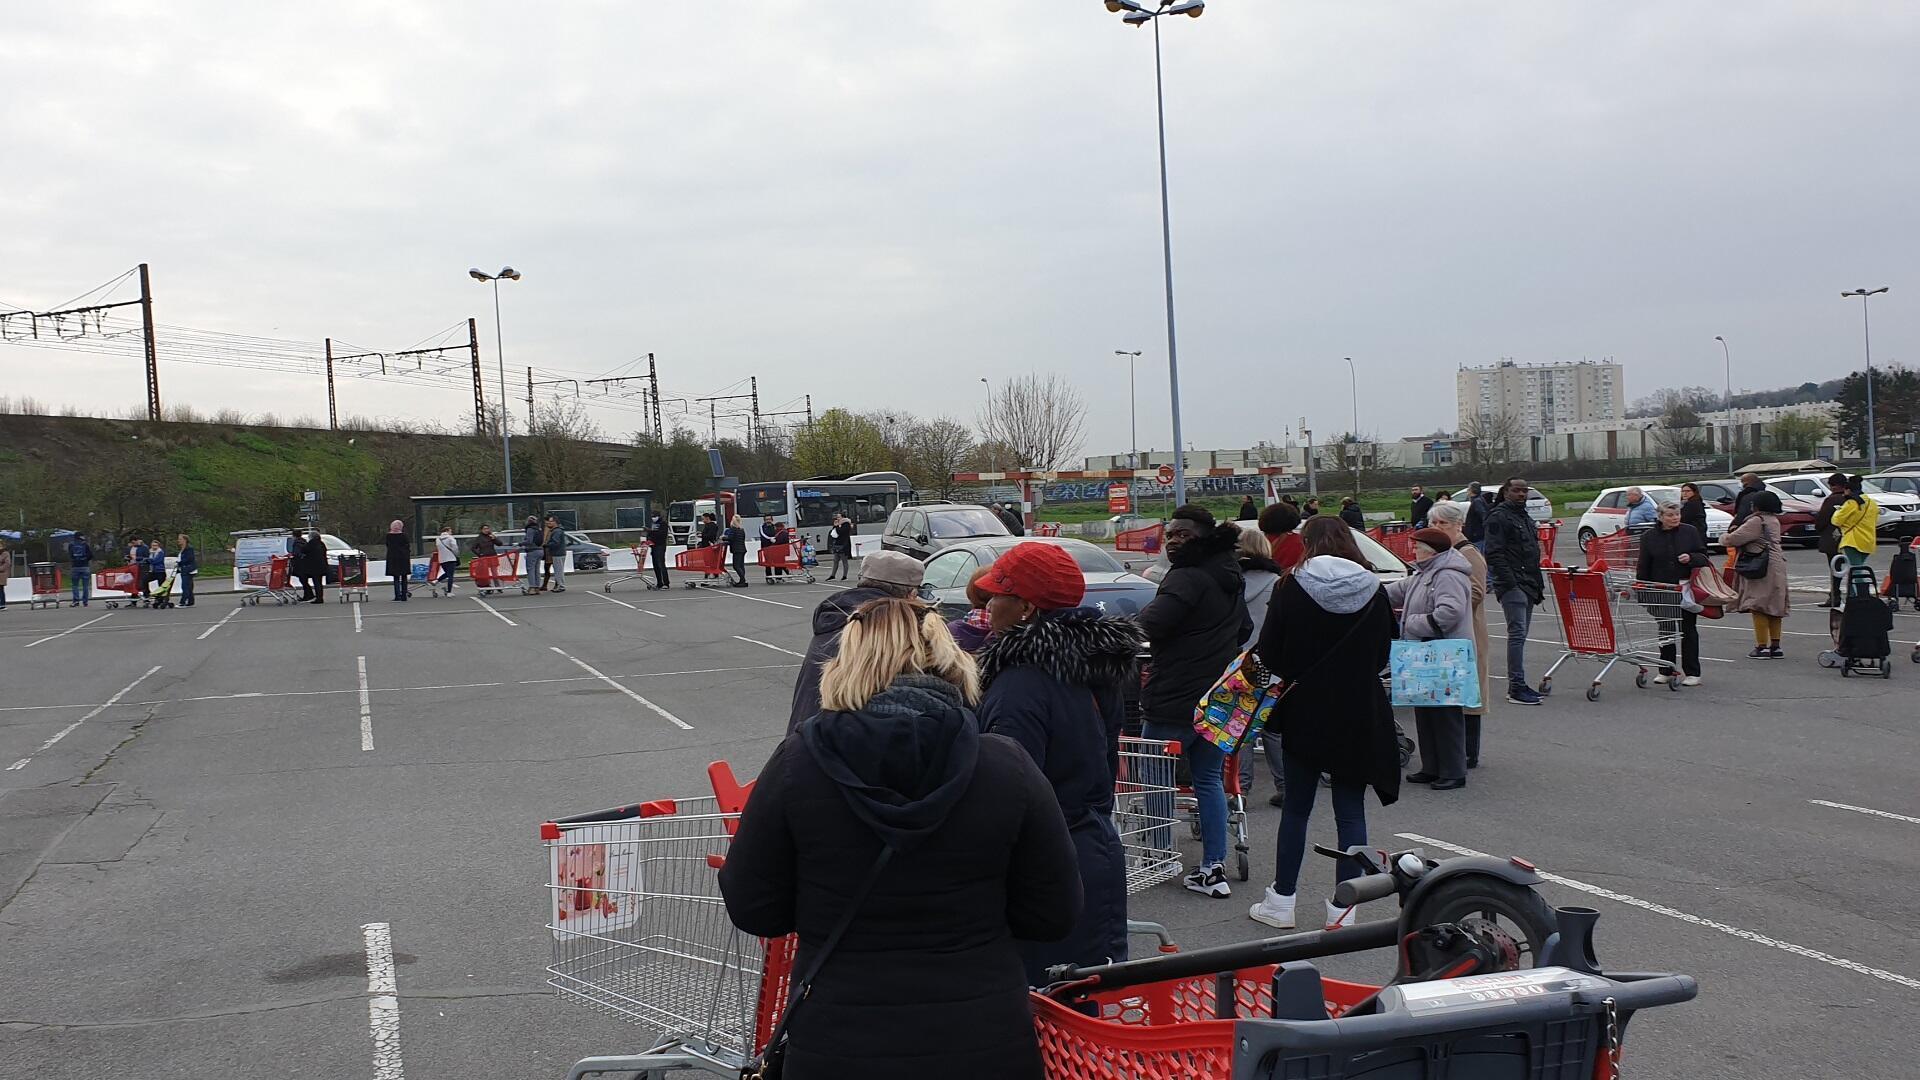 فرنسيون يصطفون أمام أحد المتاجر لتخزين احتياجاتهم قبل بدء سريان الحجر الصحي.